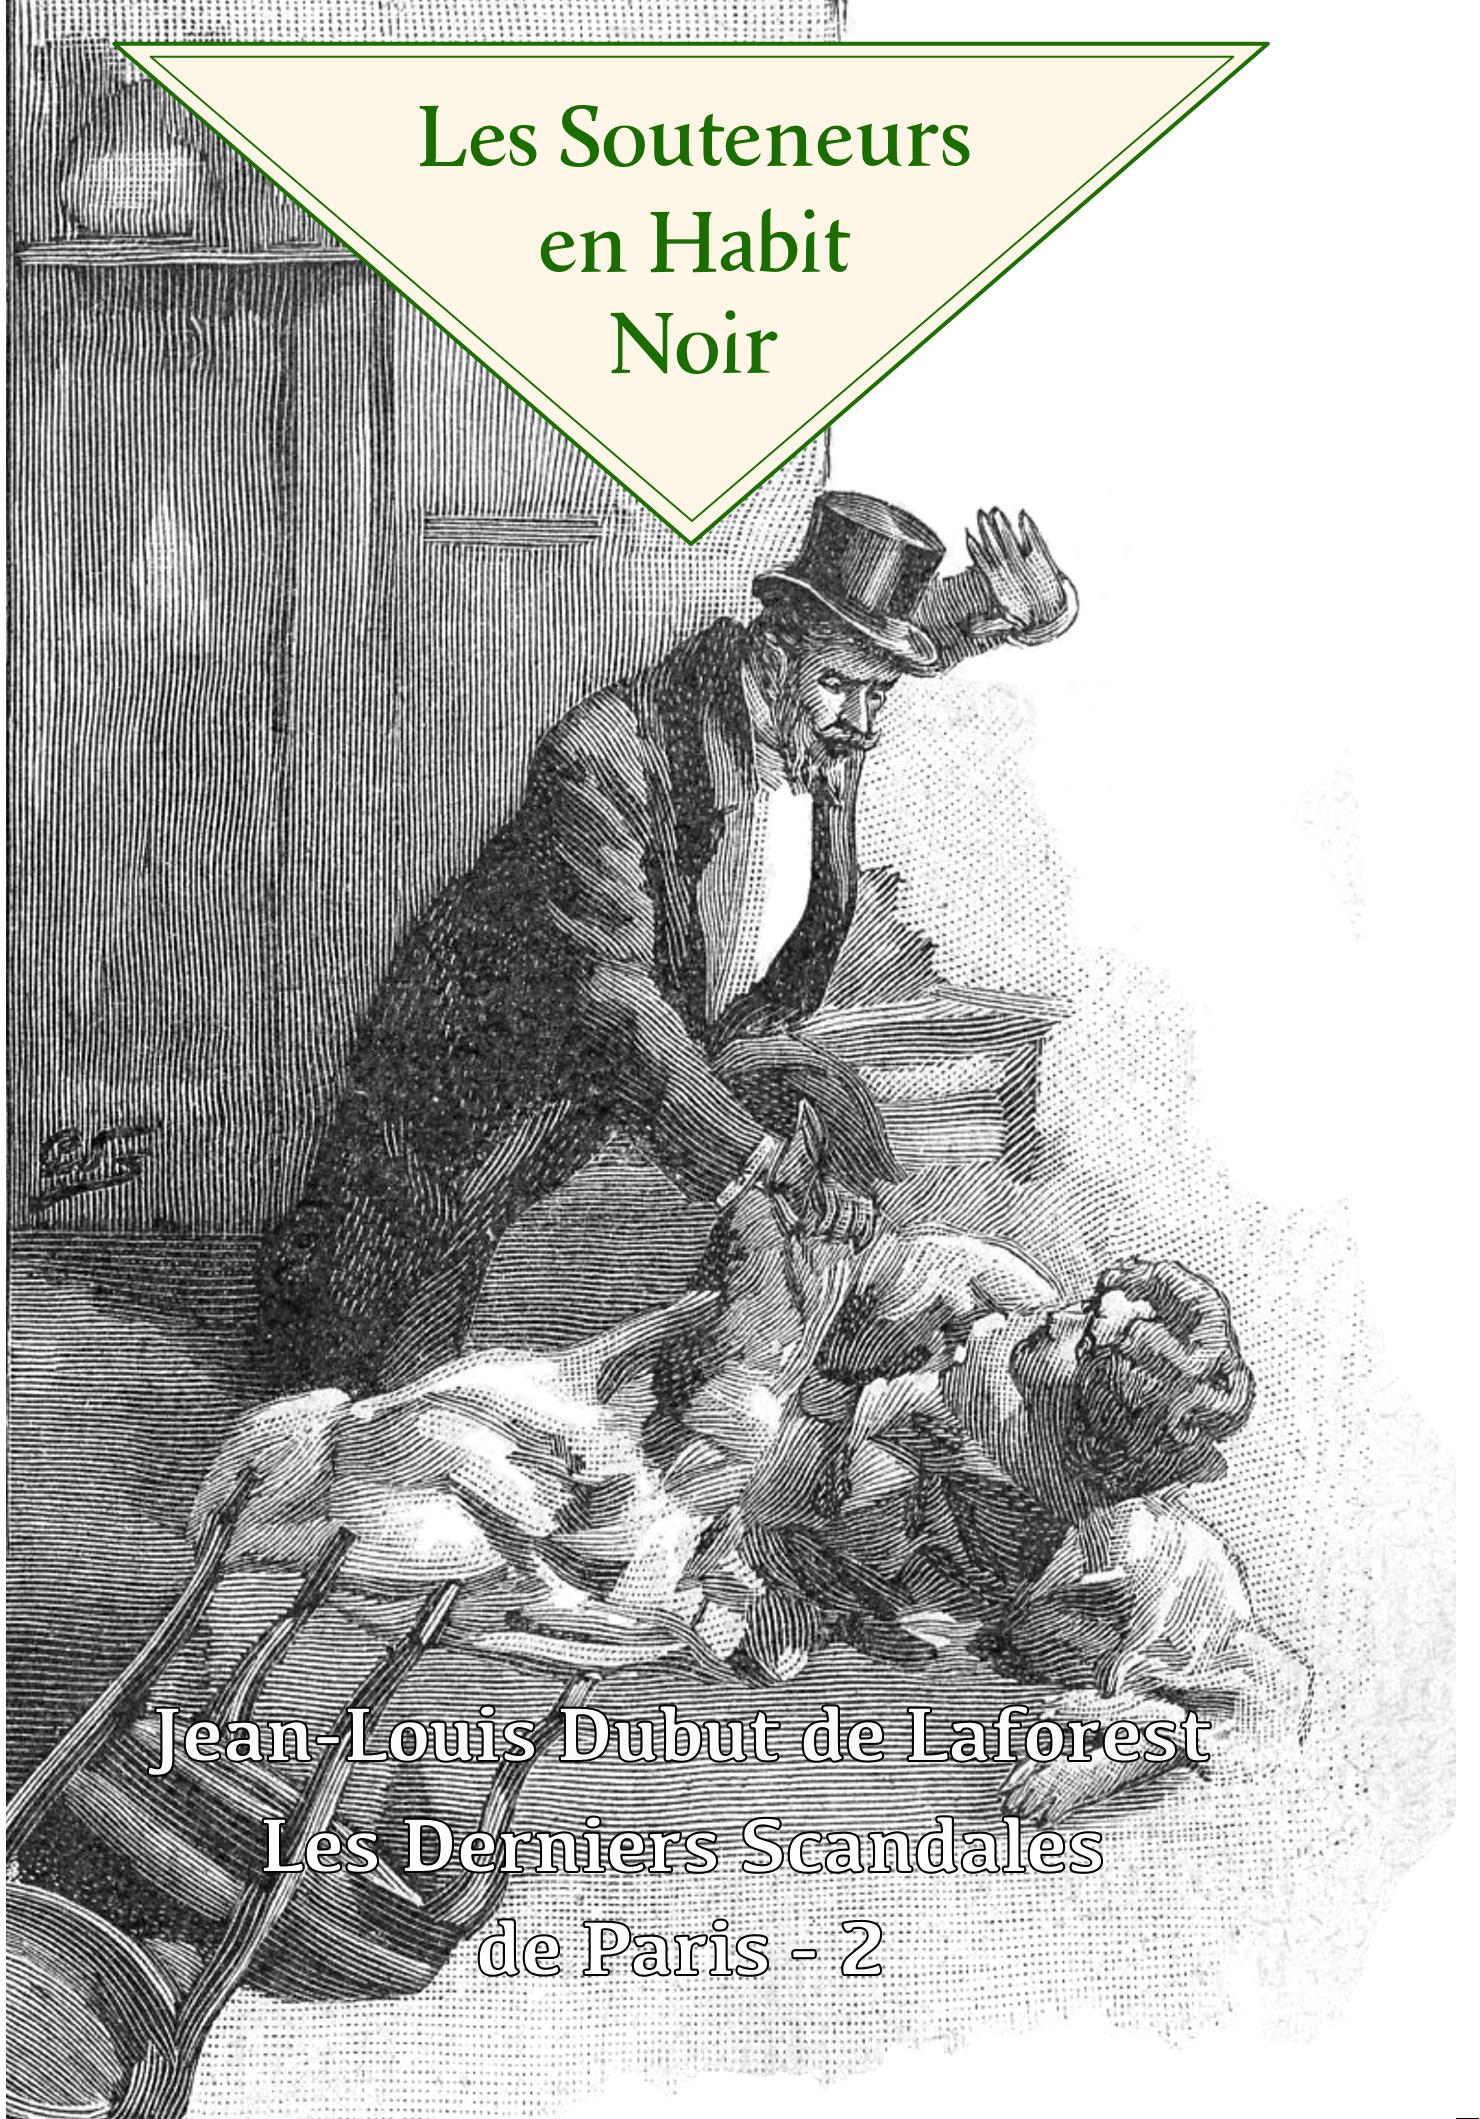 Les Souteneurs en Habit Noir - Dubut de Laforest Image